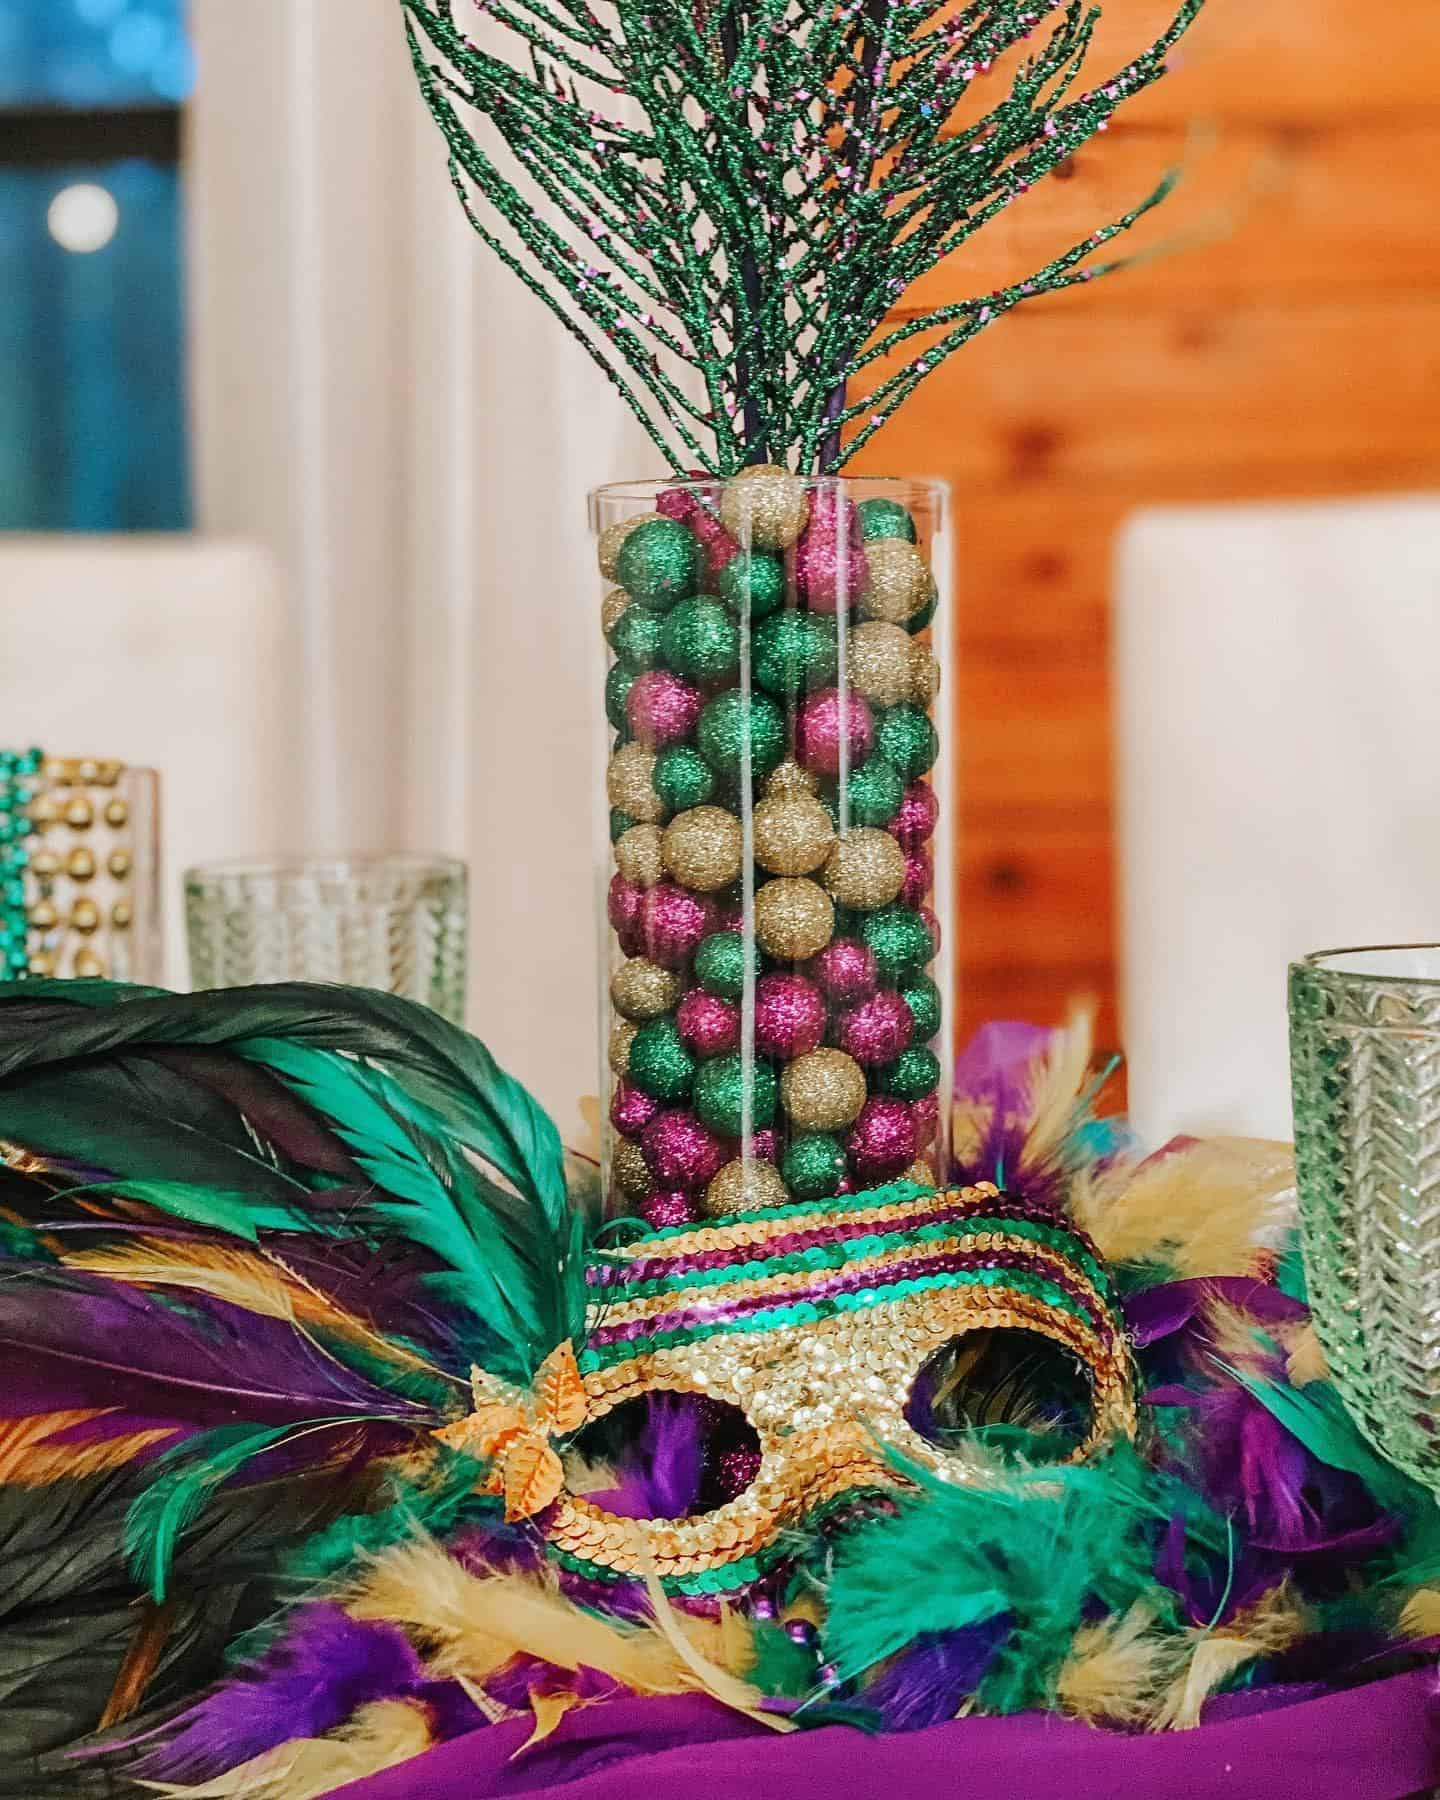 Maris gras Picnic decorations